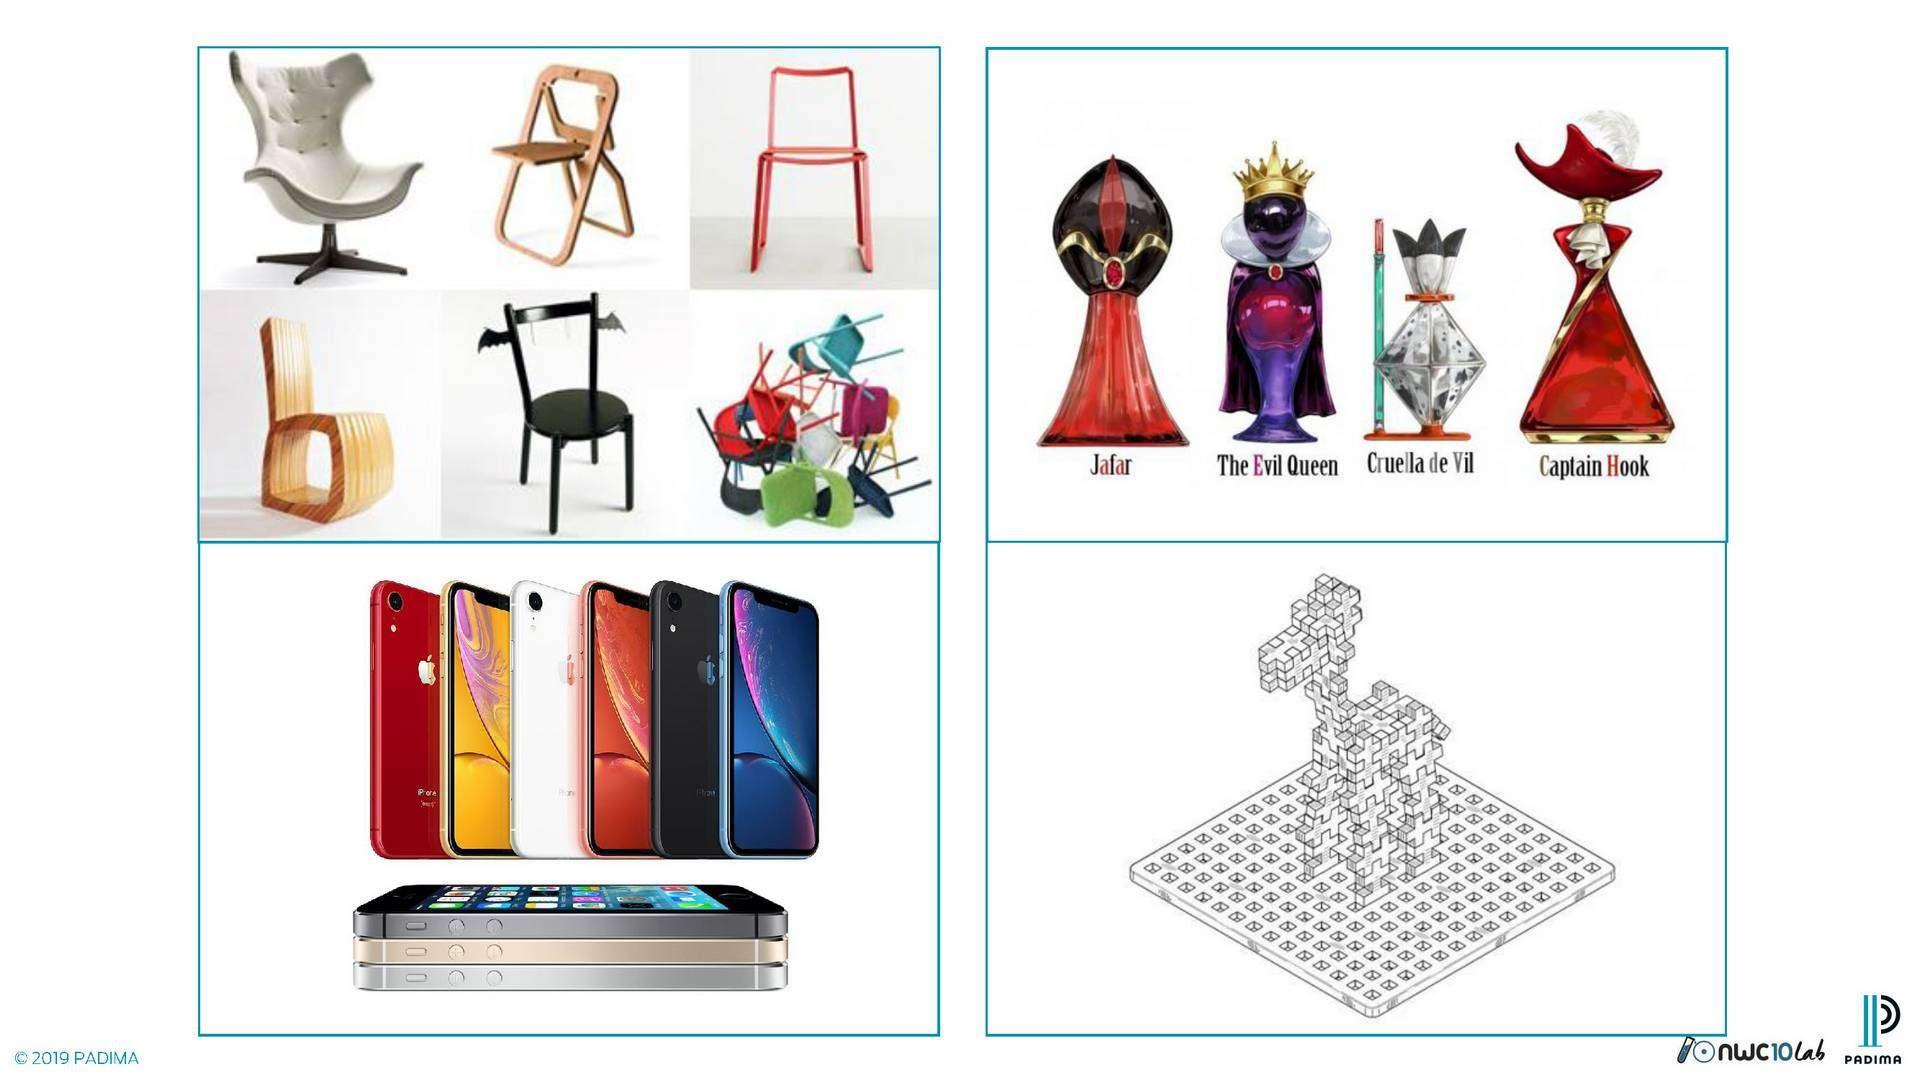 Diseños Industriales: Apariencia externas de producto: formas, diseños, partes del producto (carcasas) y modelos 3D.